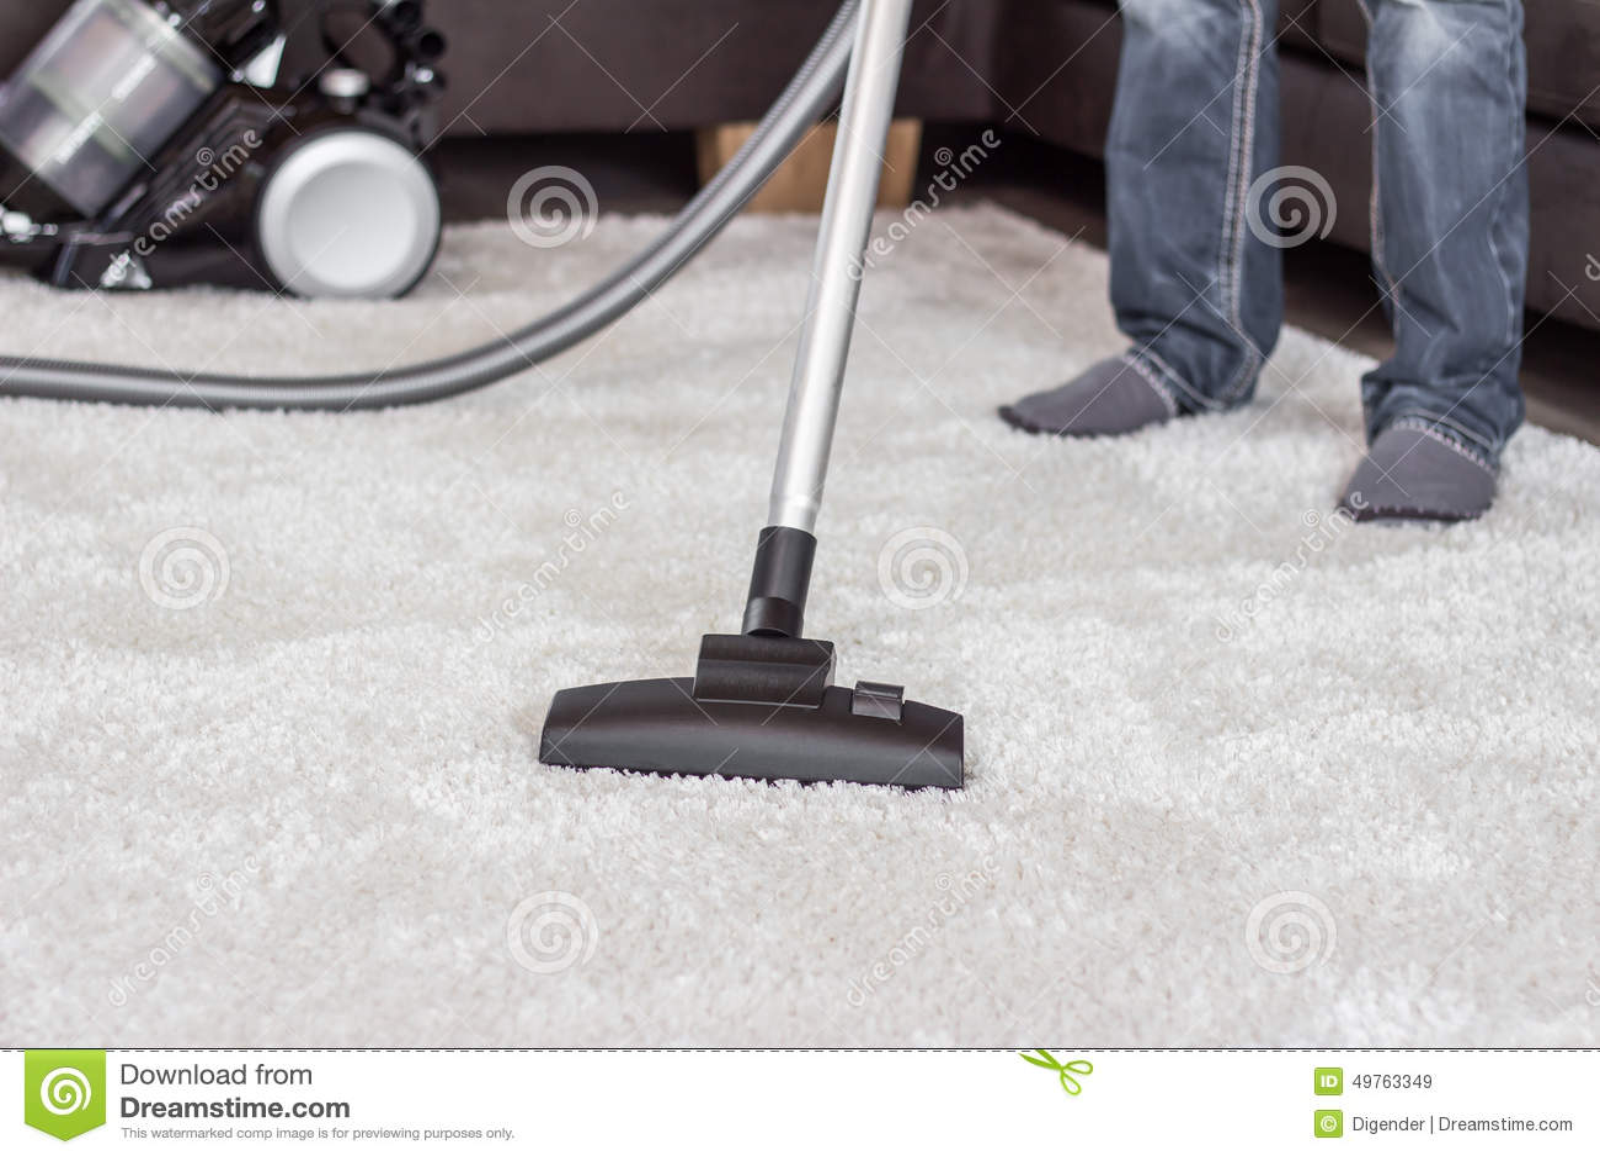 Een mens maakt het tapijt met een stofzuiger schoon